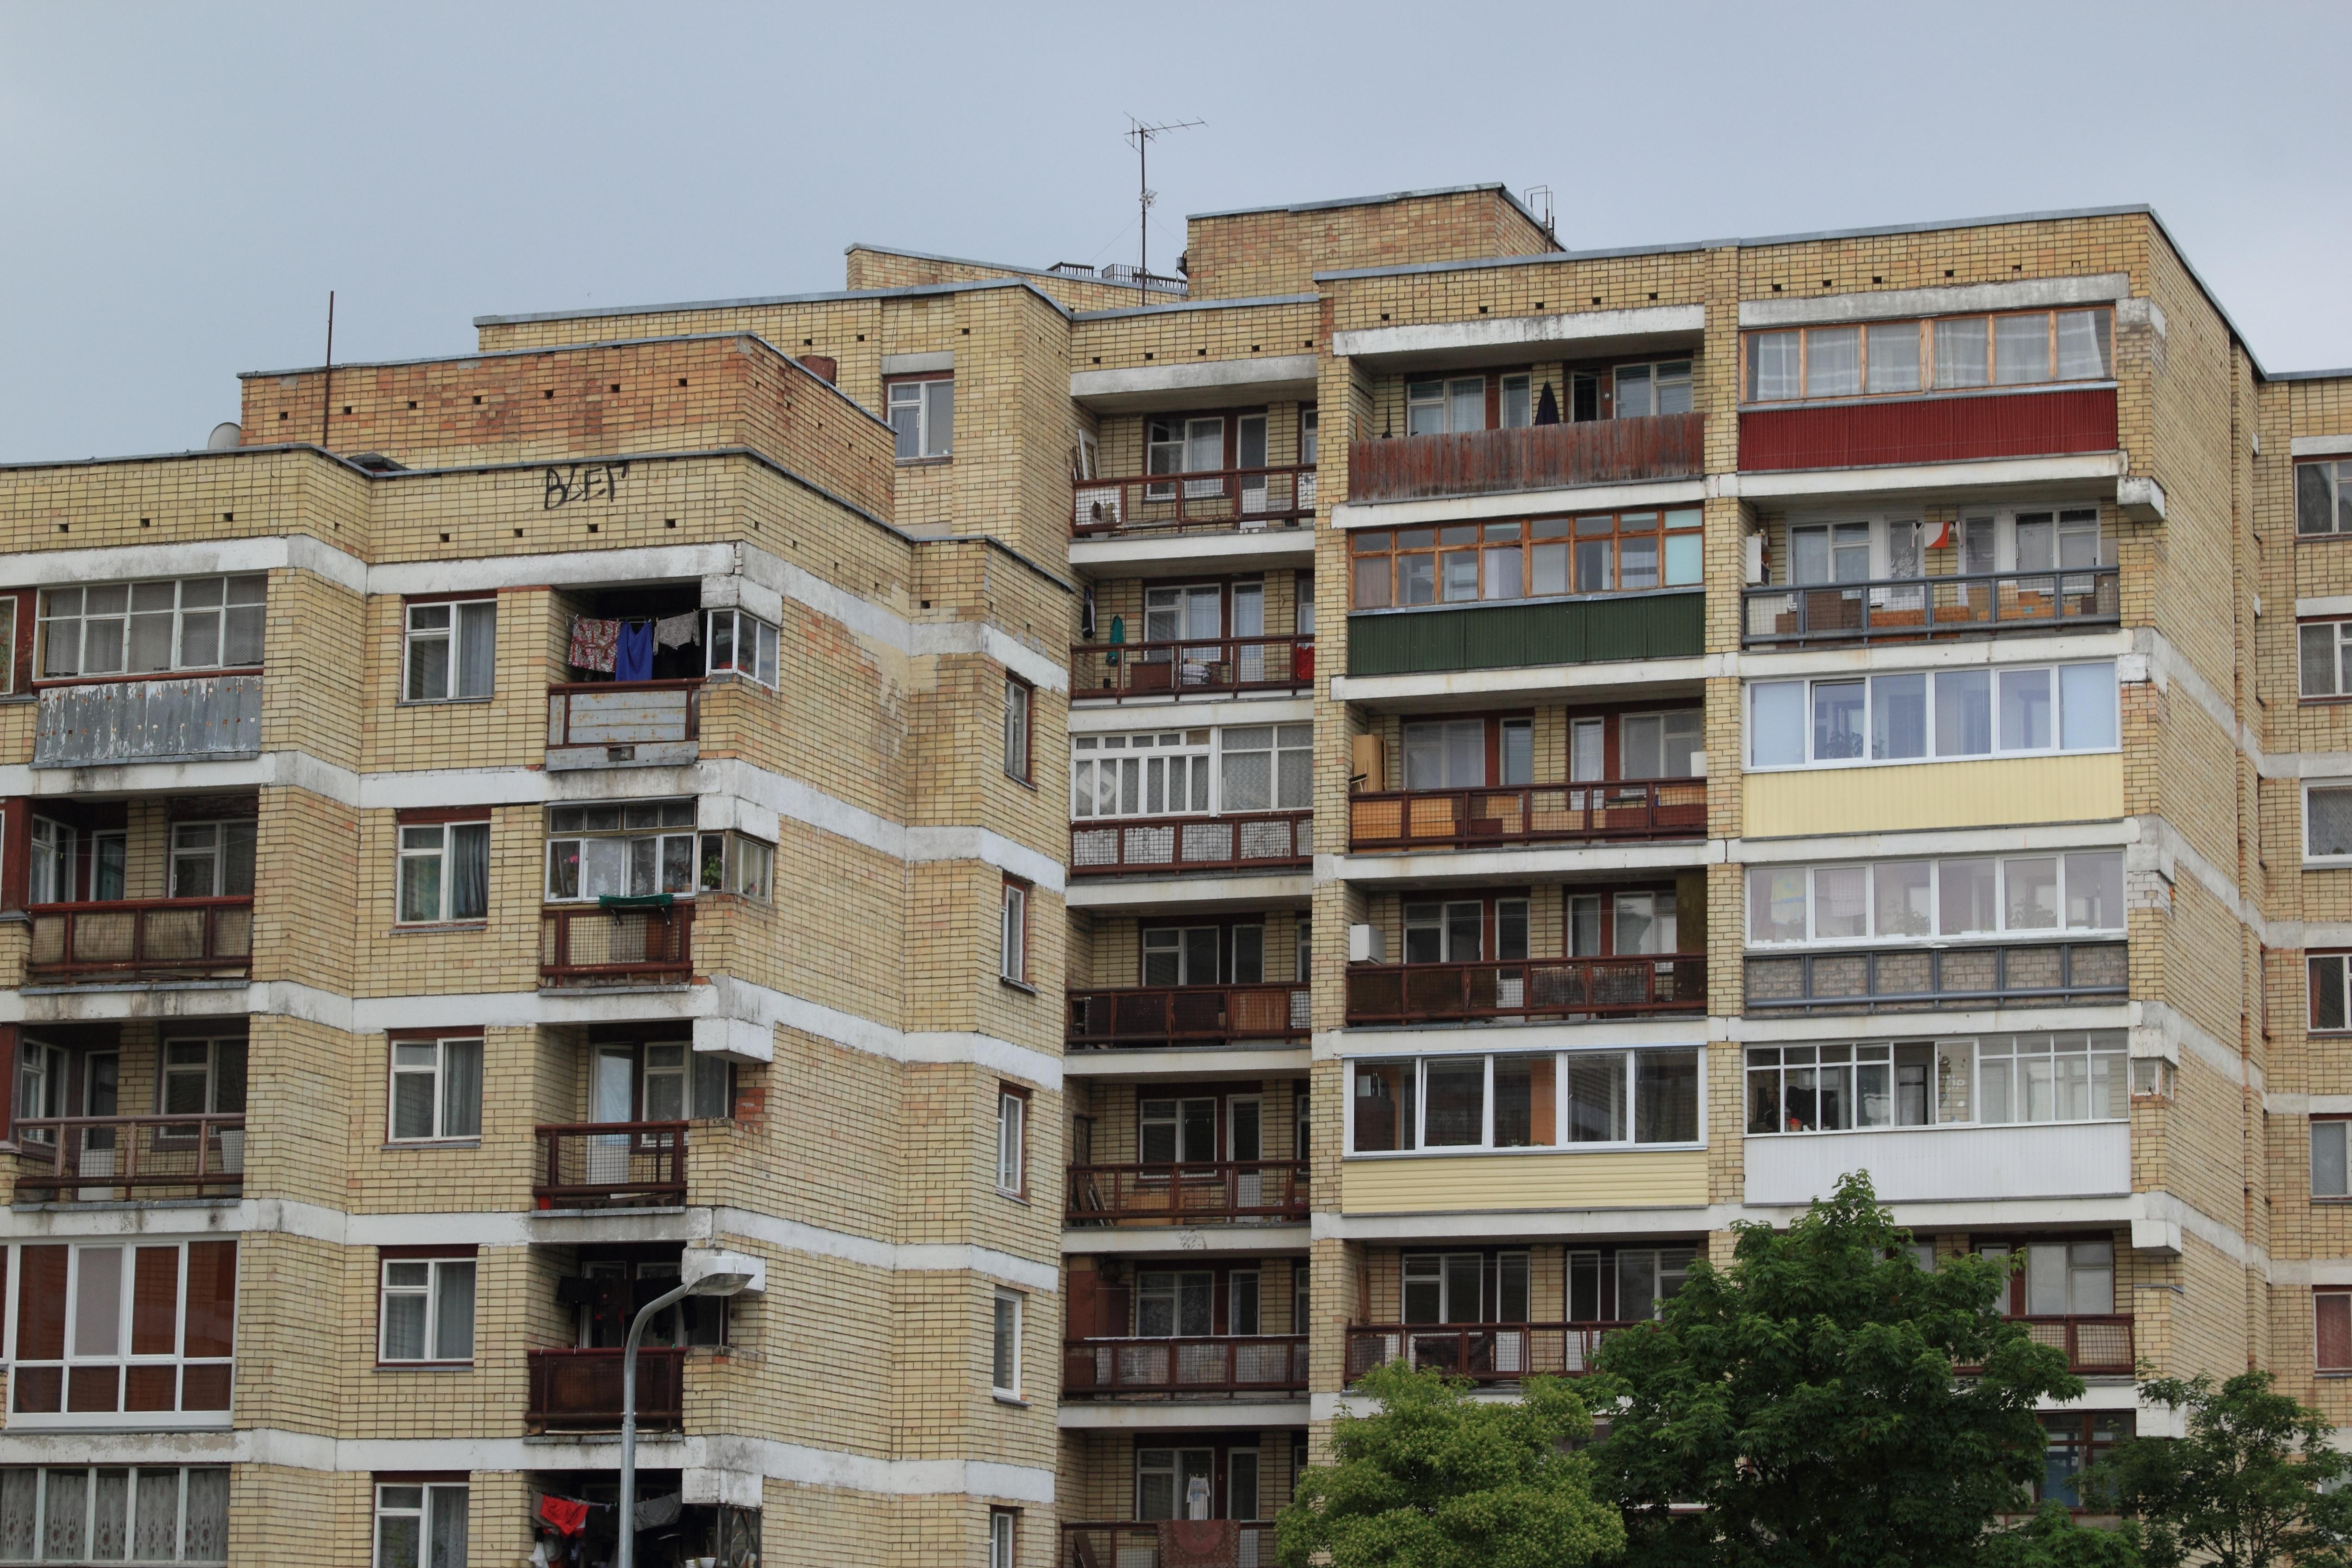 Immobilien Litauen kostenlose foto die architektur gebäude fassade eigentum